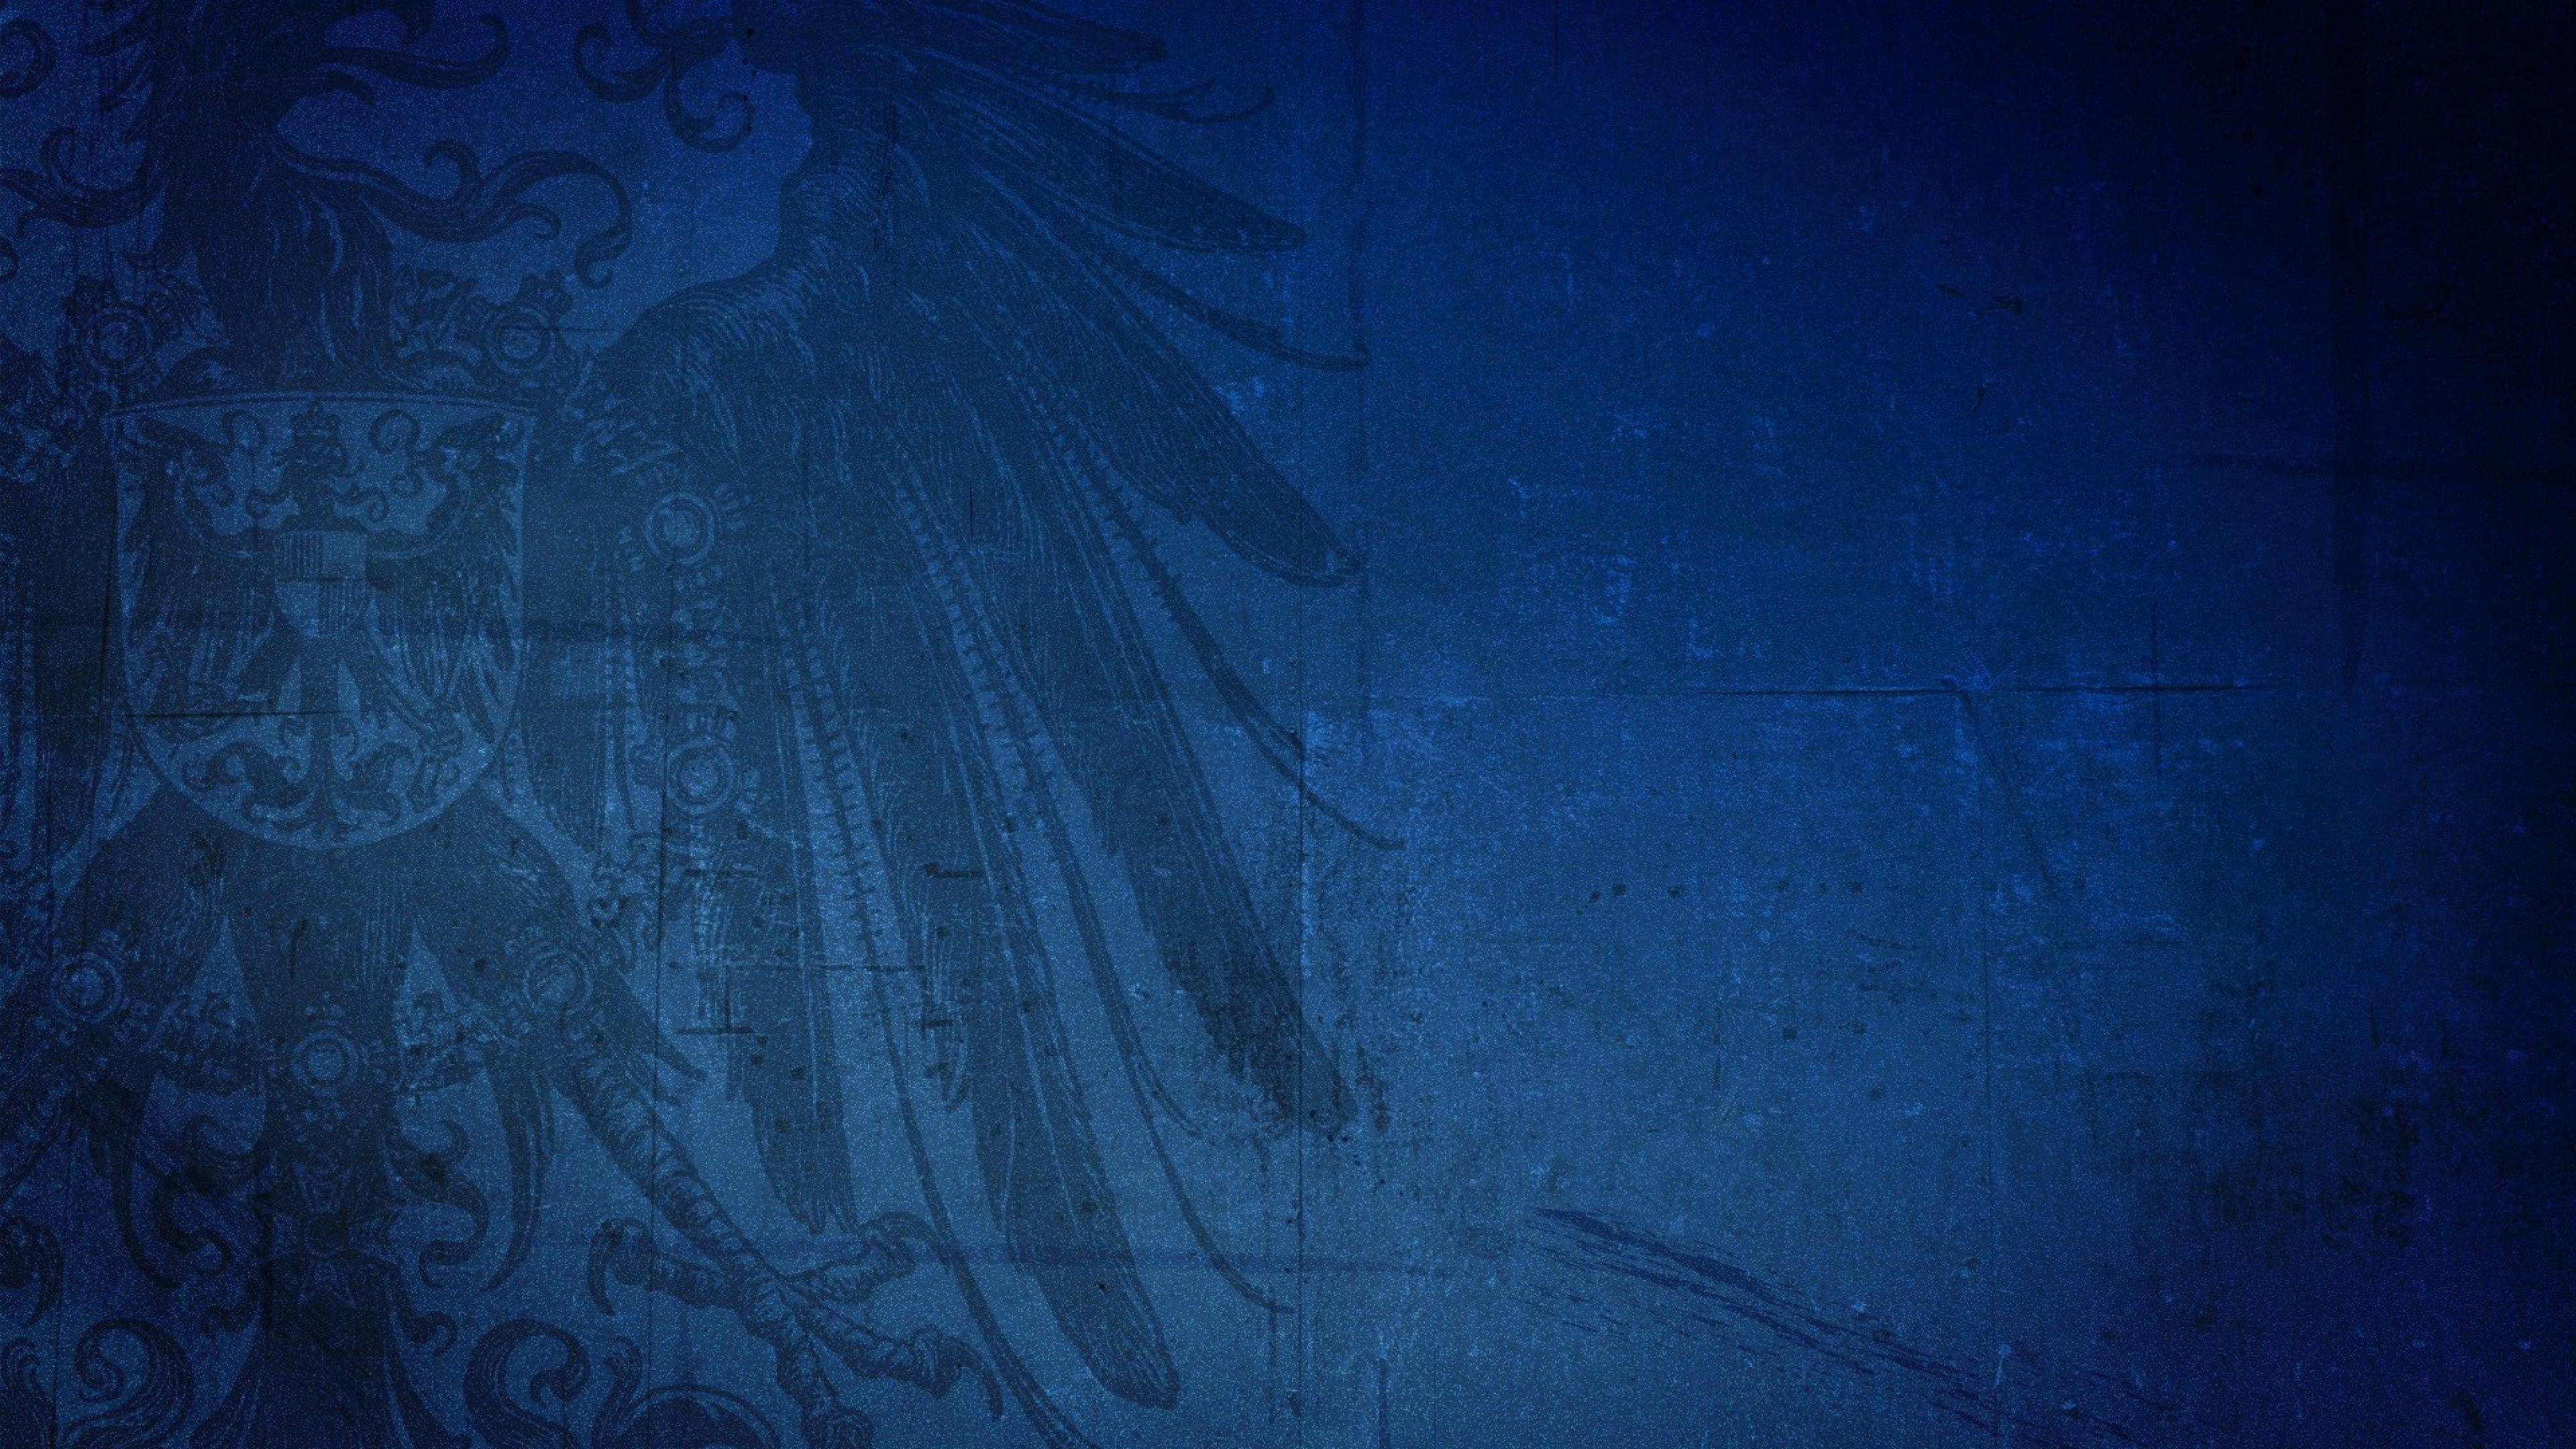 Background Dark Patterns Textures Wallpaper Background 4K Ultra HD 3840x2160